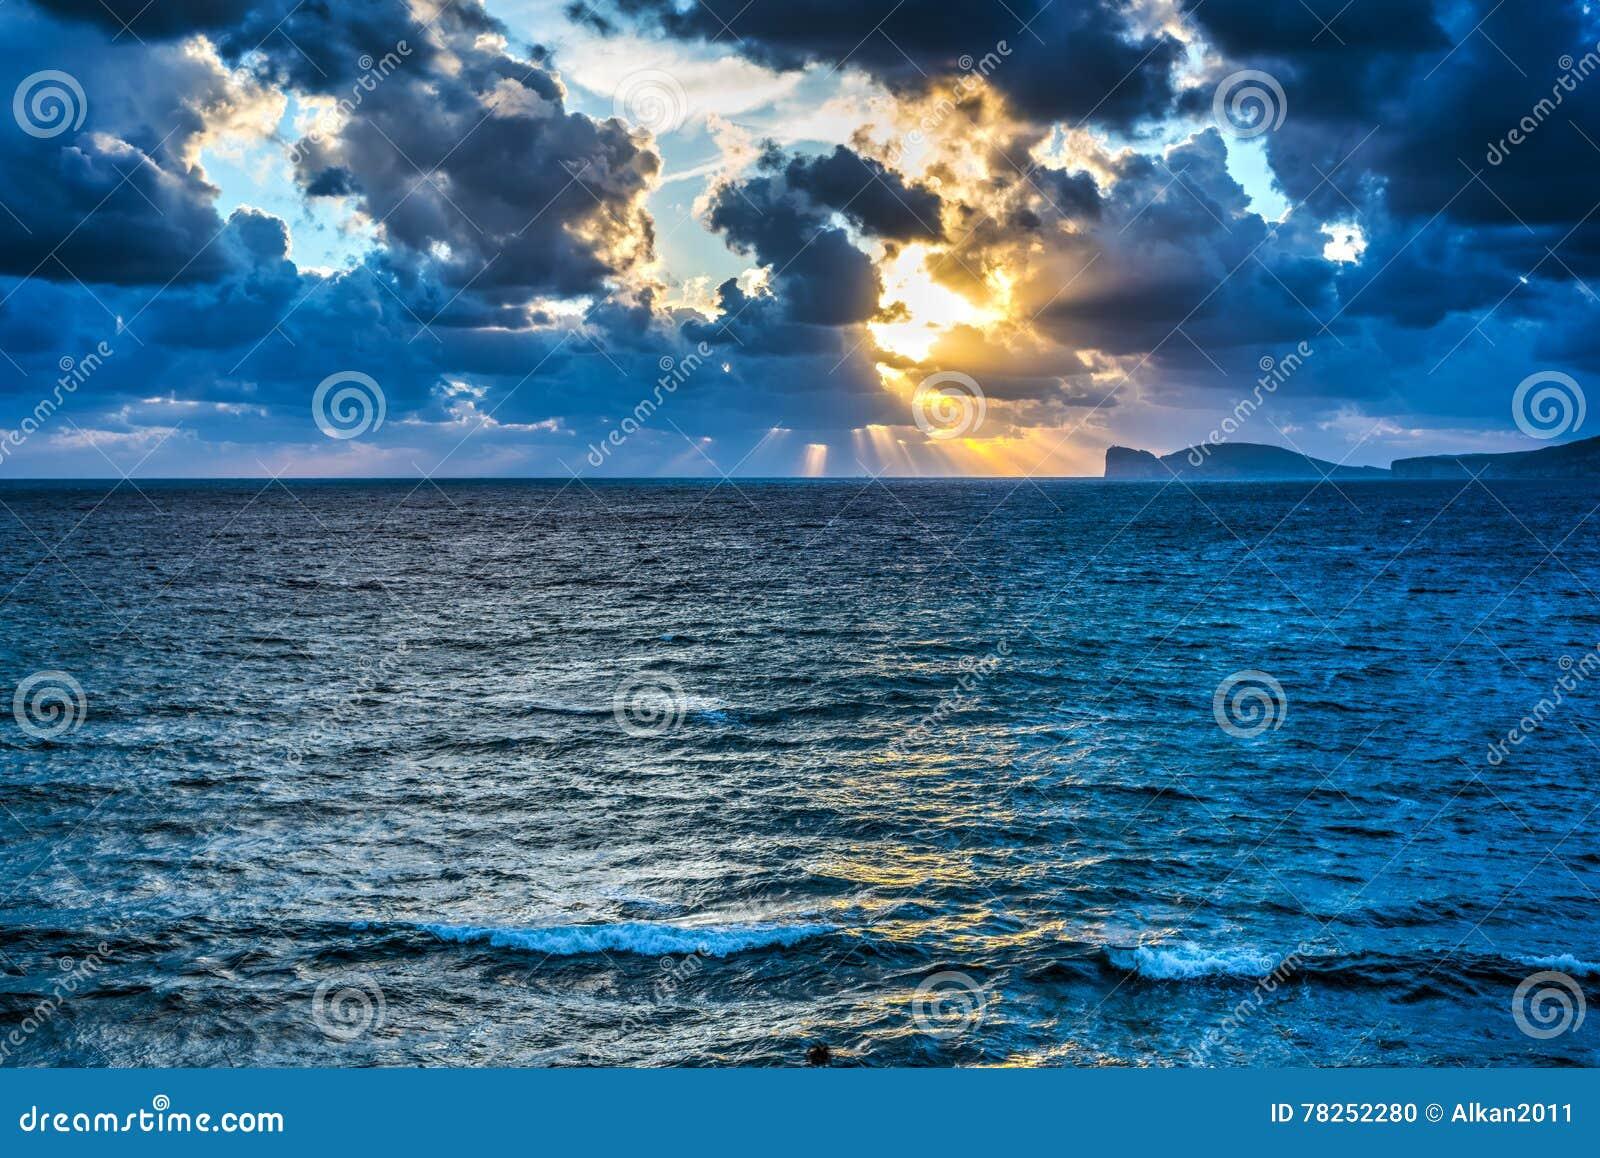 Σύννεφα και φωτεινός ήλιος στο ηλιοβασίλεμα